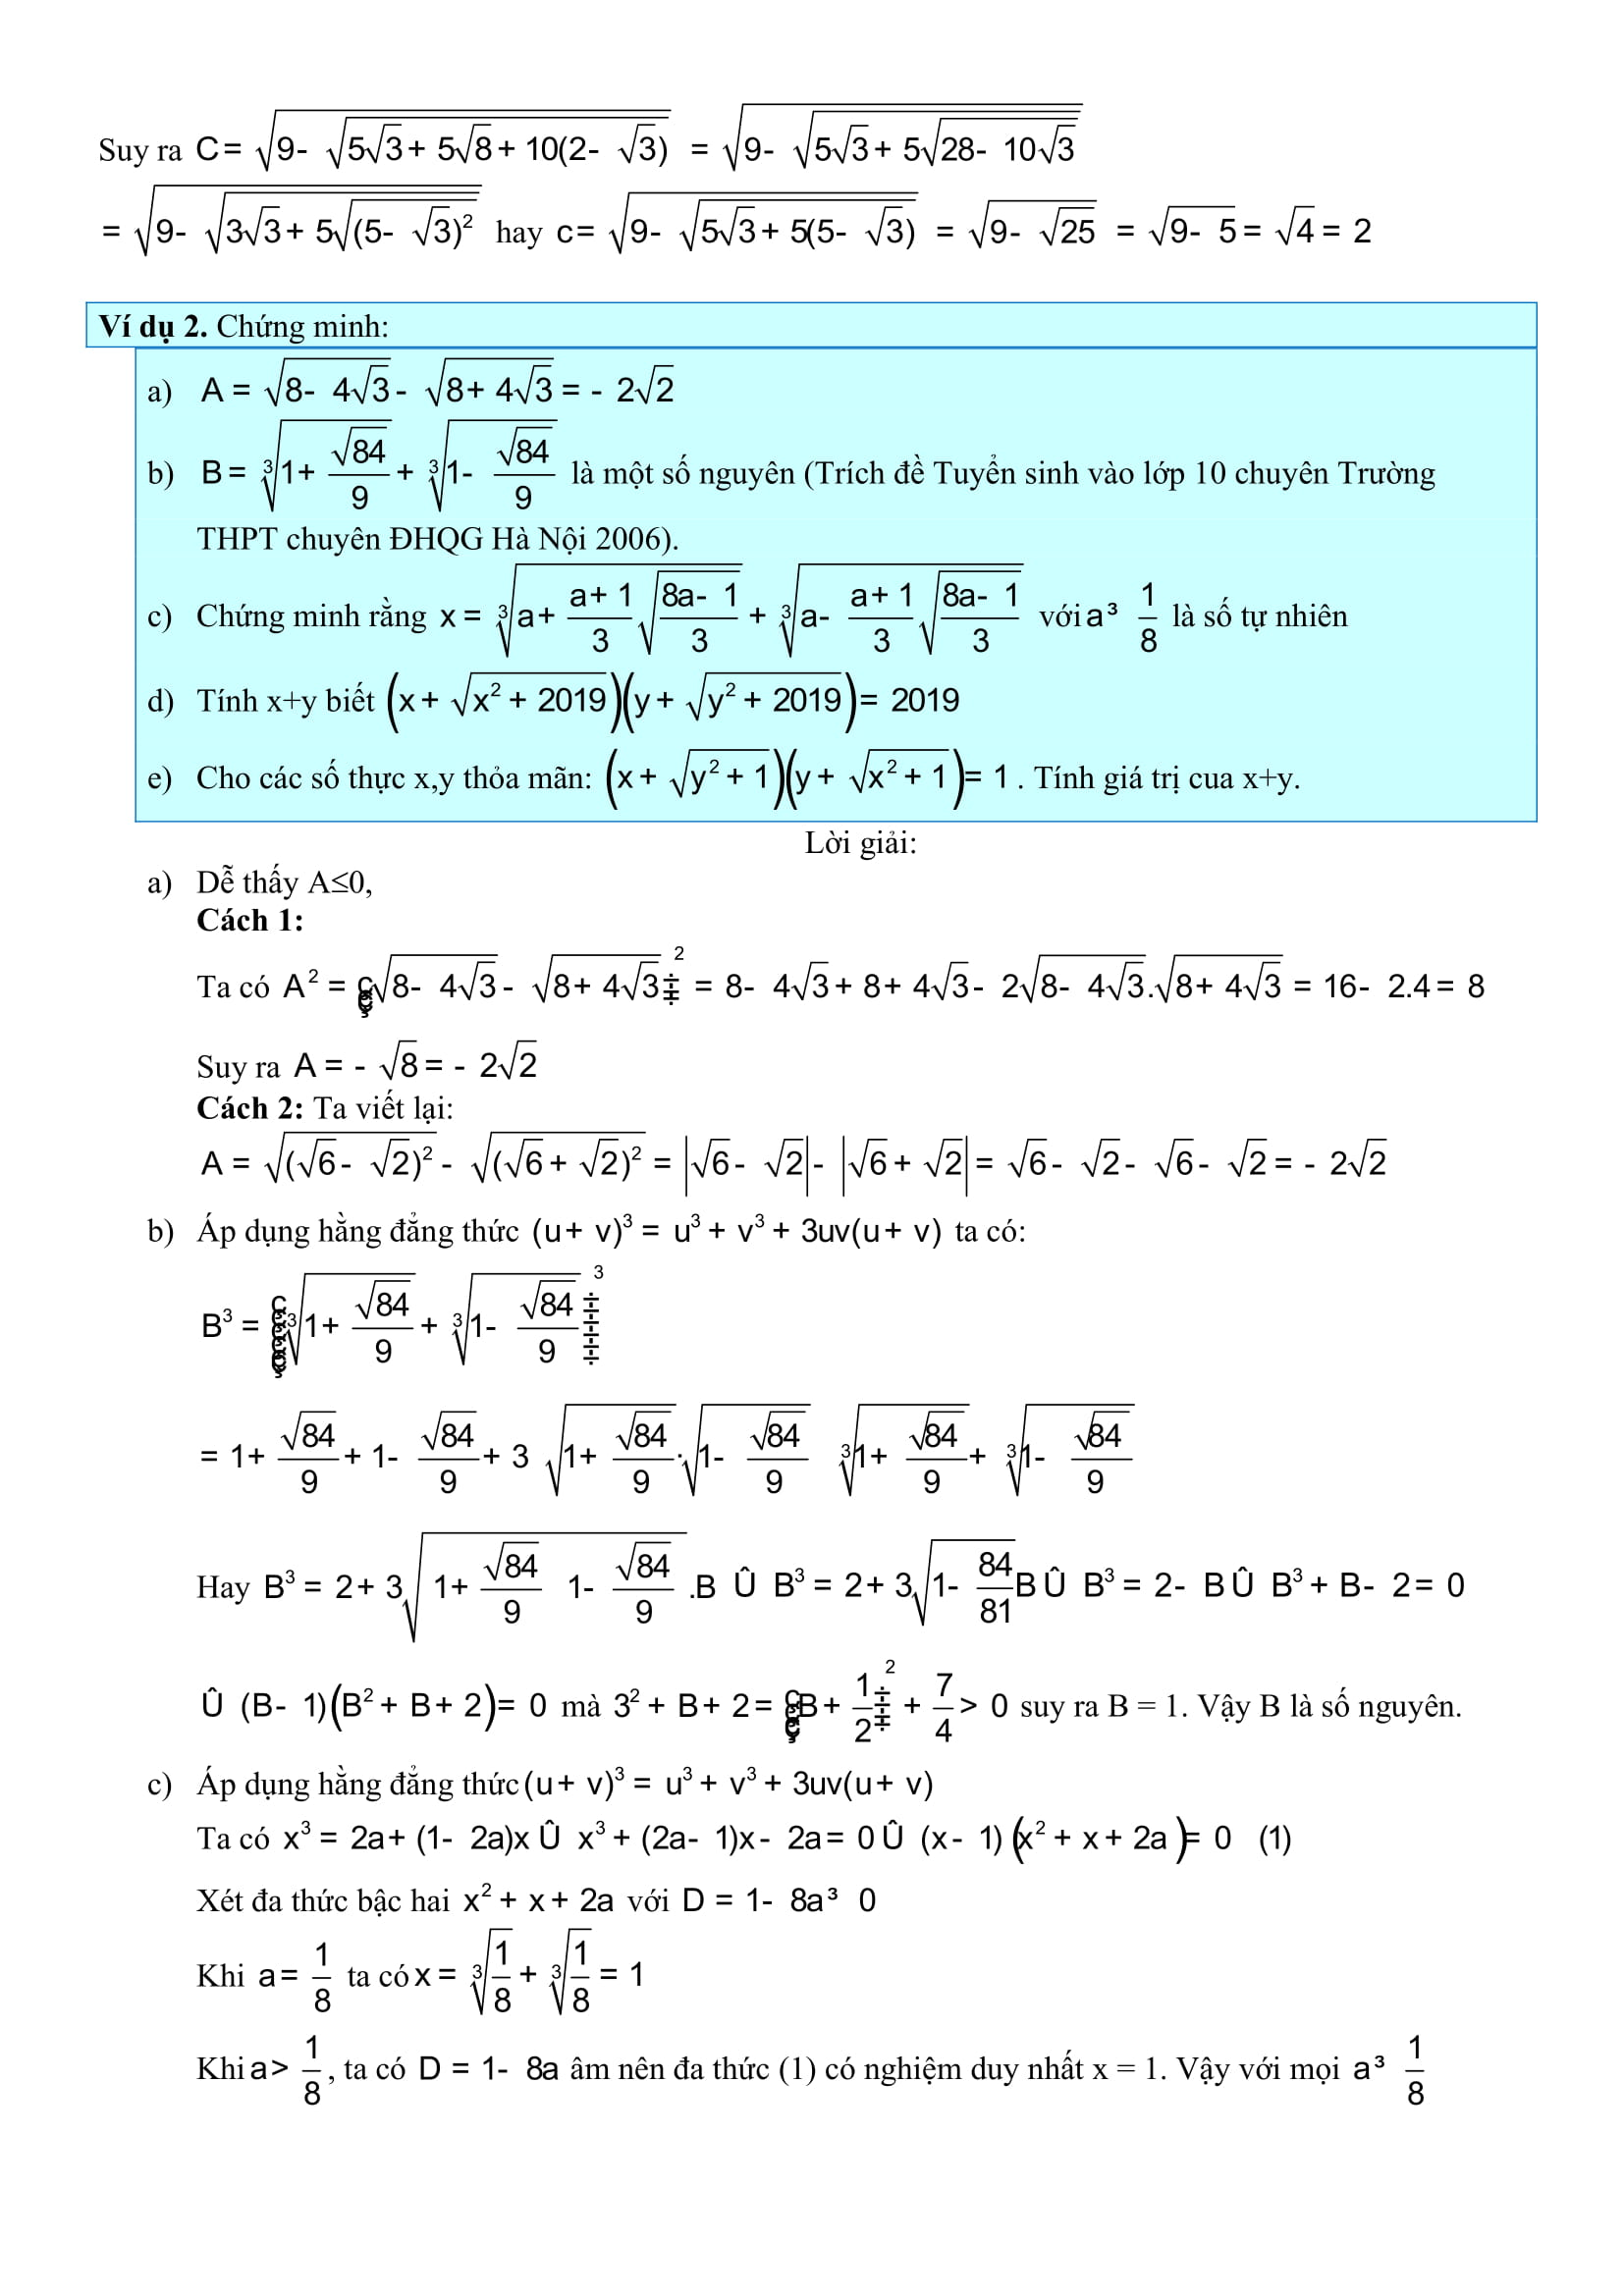 Hệ thống lý thuyết và bài tập toán Đại số 9 phần 1